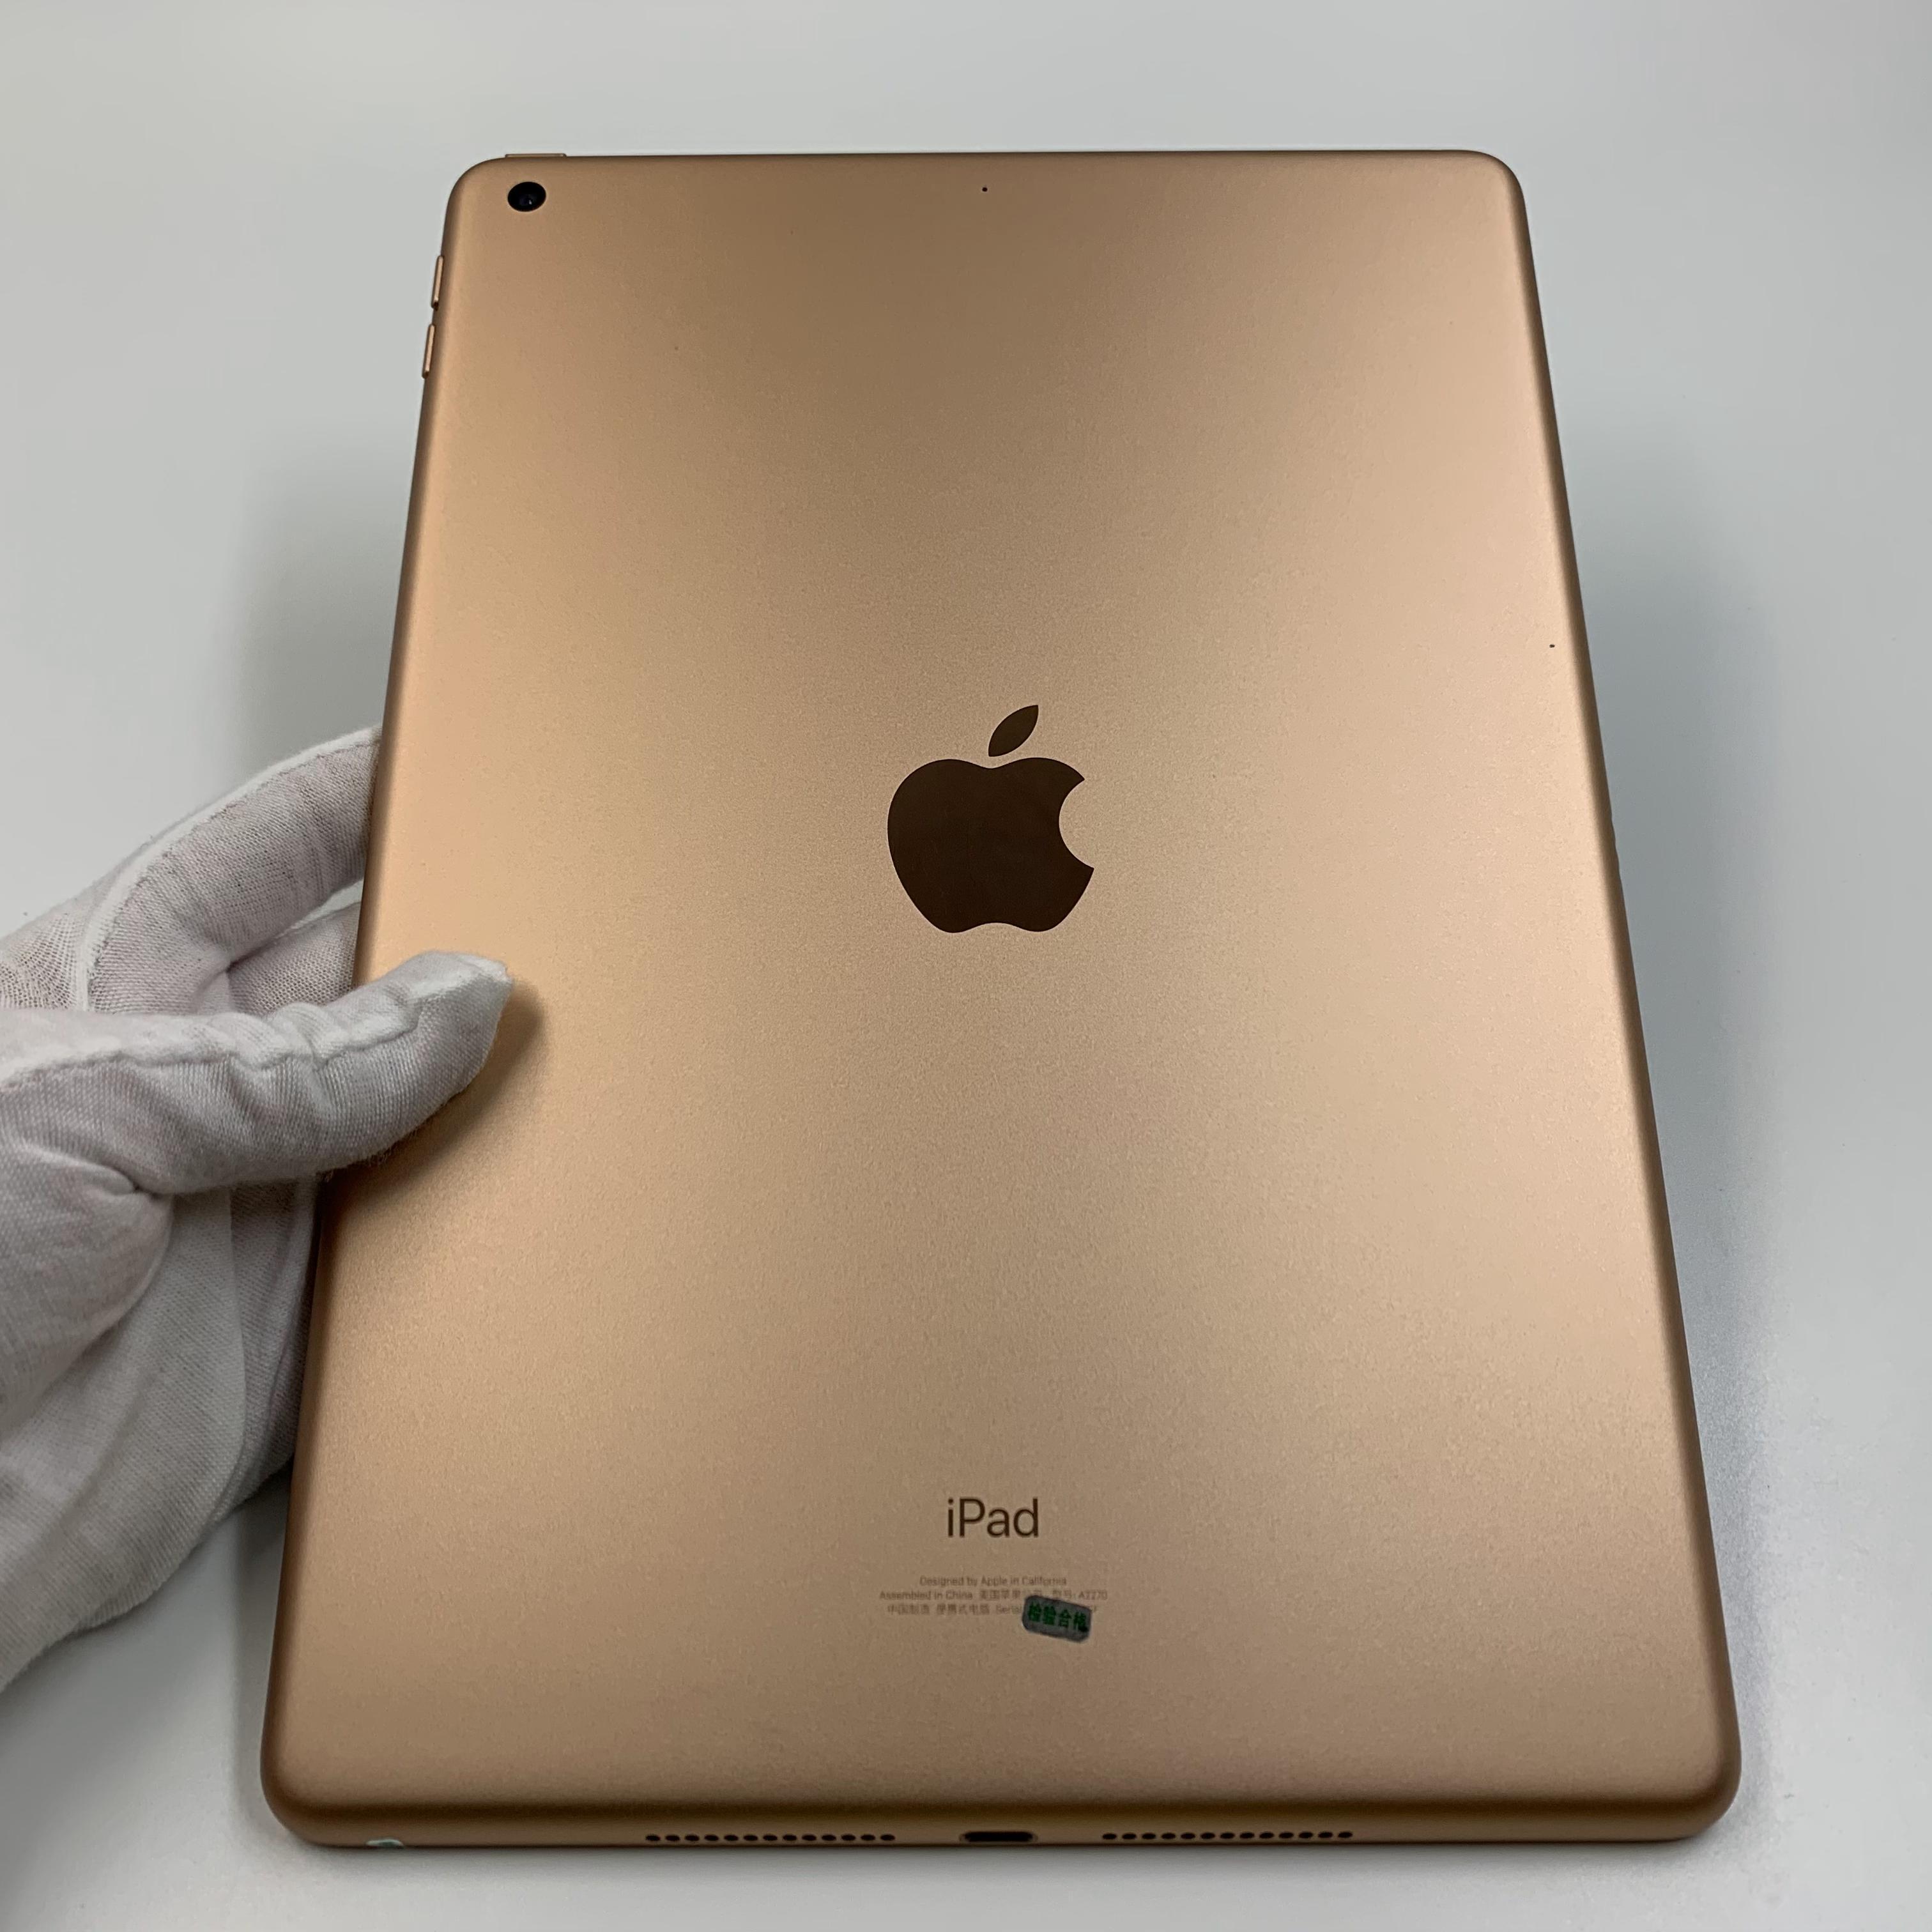 苹果【iPad8 10.2英寸 20款】WIFI版 金色 32G 国行 95新 真机实拍官保2022-01-09